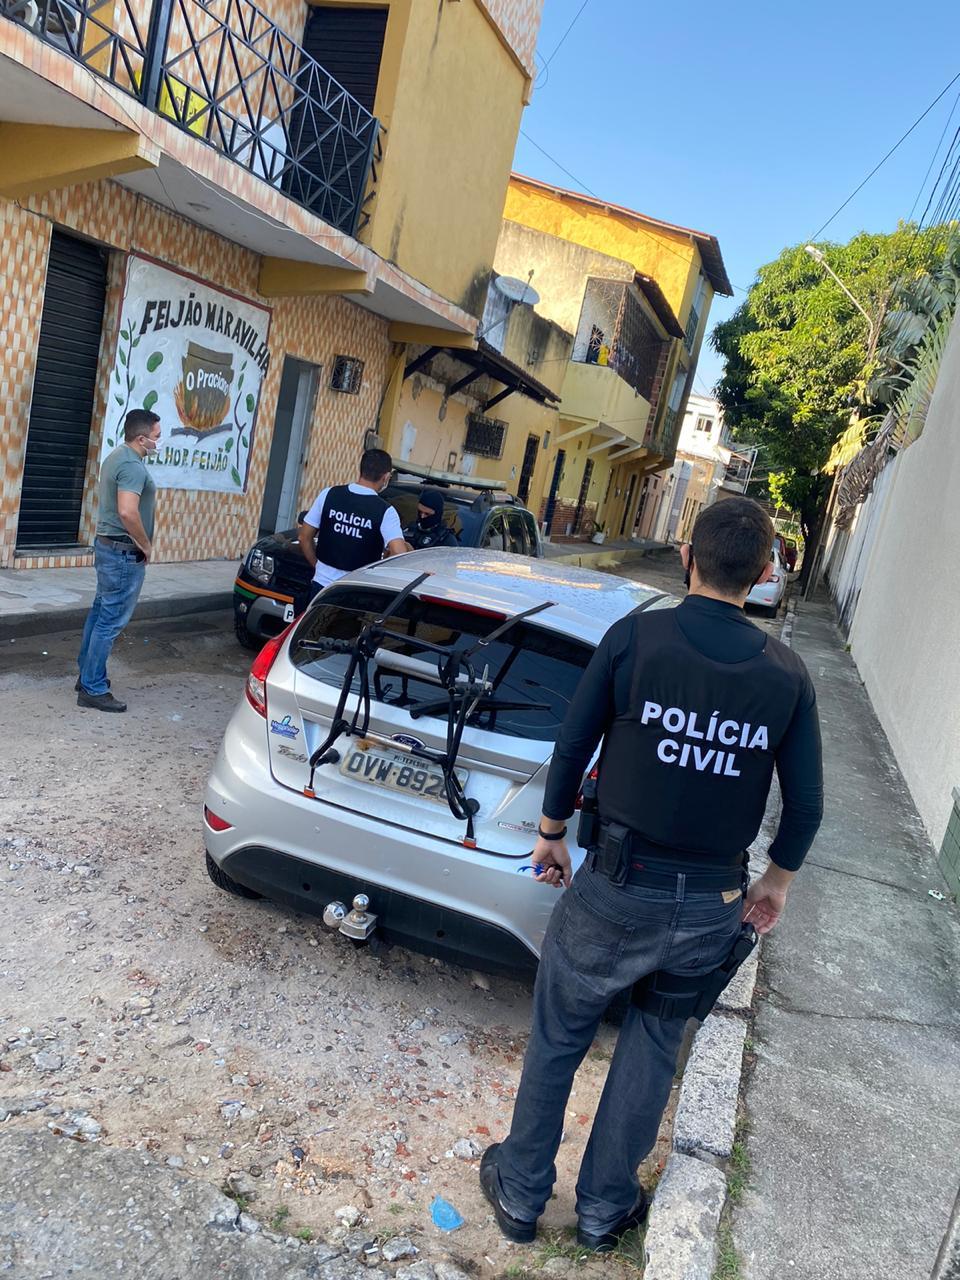 Policia Civil realiza mandados de prisão em três Estados (Divulgação)